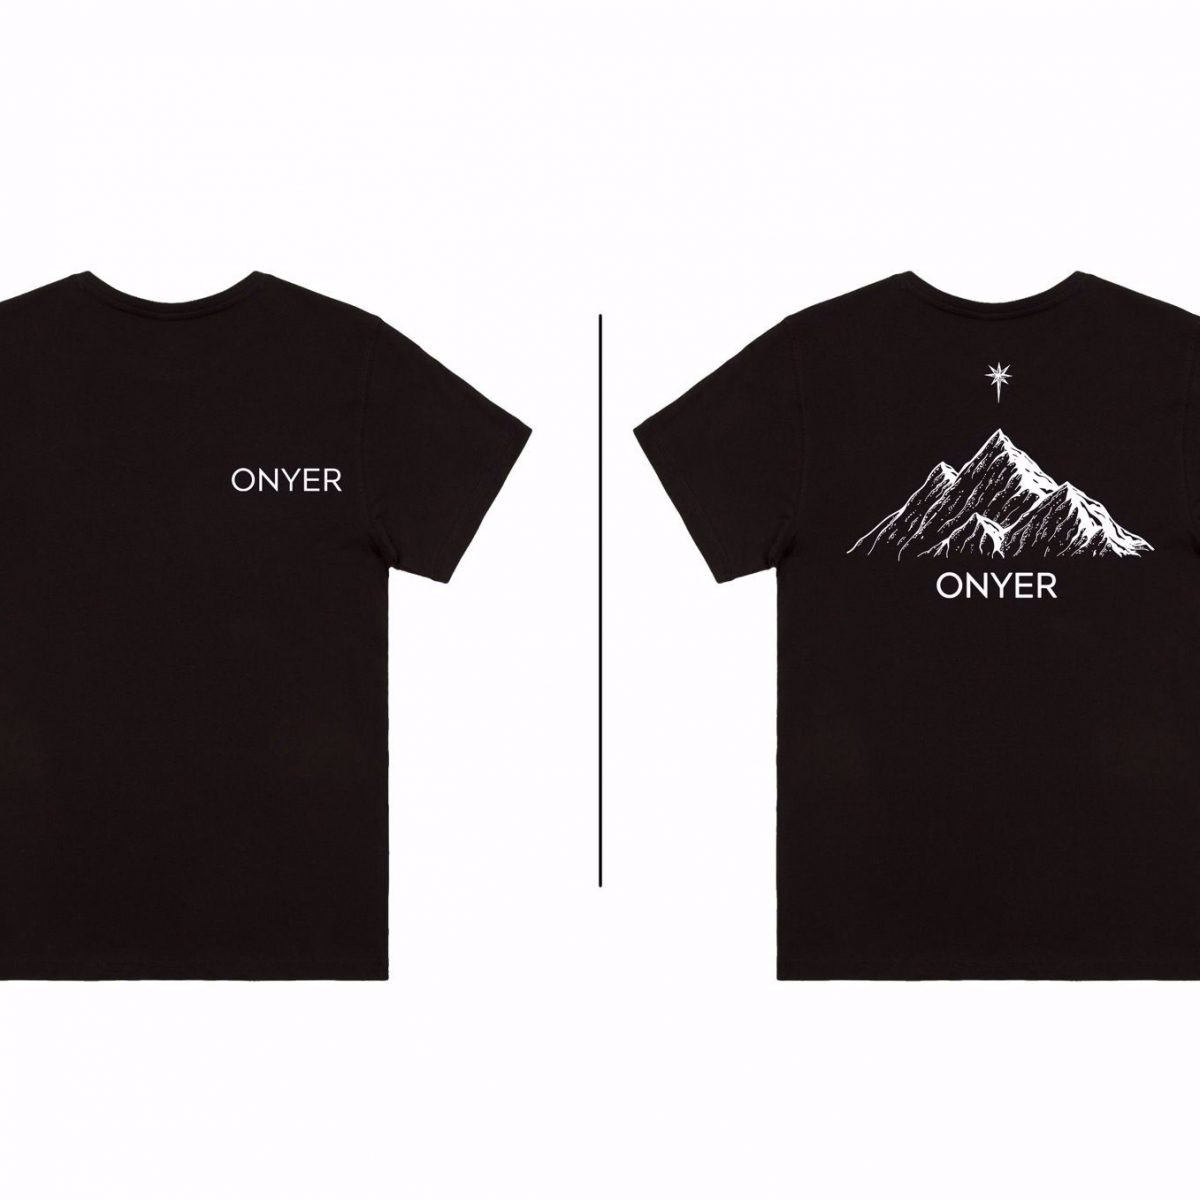 ONYER MOUNTAIN TEE (BLACK)